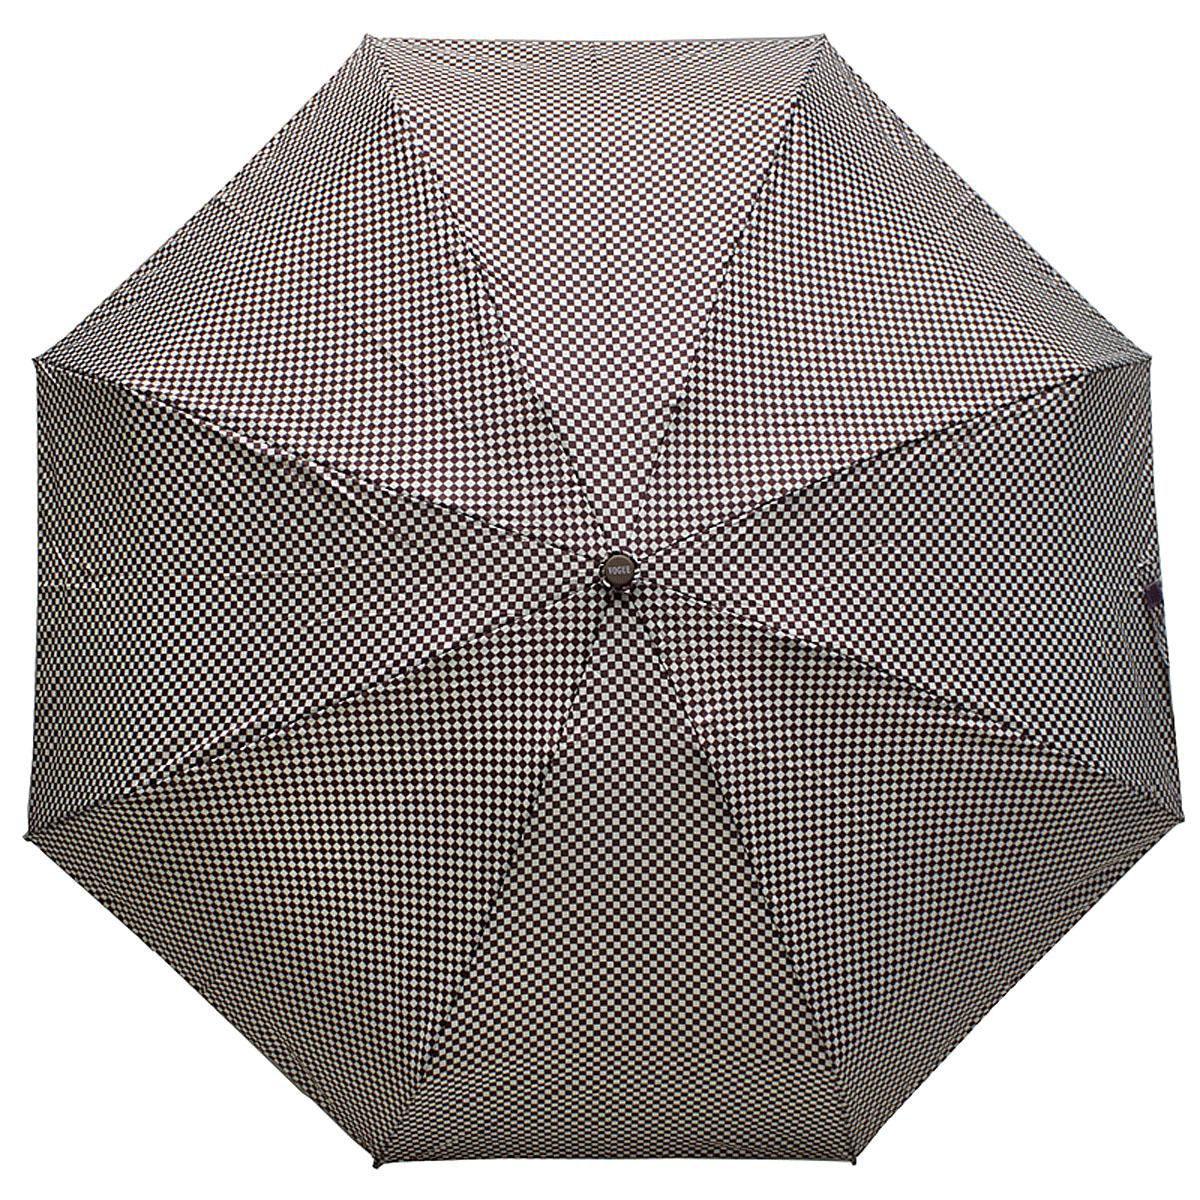 Зонт женский Vogue, цвет: коричневый, белый. 345V-3REM12-CAM-REDBLACKСтильный механический зонт испанского производителя Vogue оснащен каркасом с противоветровым эффектом.Каркас зонта включает 8 спиц. Стержень изготовлен из стали, купол выполнен из прочного полиэстера.Зонт является механическим: купол открывается и закрывается вручную до характерного щелчка. Такой зонт не только надежно защитит вас от дождя, но и станет стильным аксессуаром, который идеально подчеркнет ваш неповторимый образ. Рекомендации по использованию: Мокрый зонт нельзя оставлять сложенным. Зонт после использования рекомендуется сушить в полураскрытом виде вдали от нагревательных приборов. Чистить зонт рекомендуется губкой, используя мягкие нещелочные растворы.